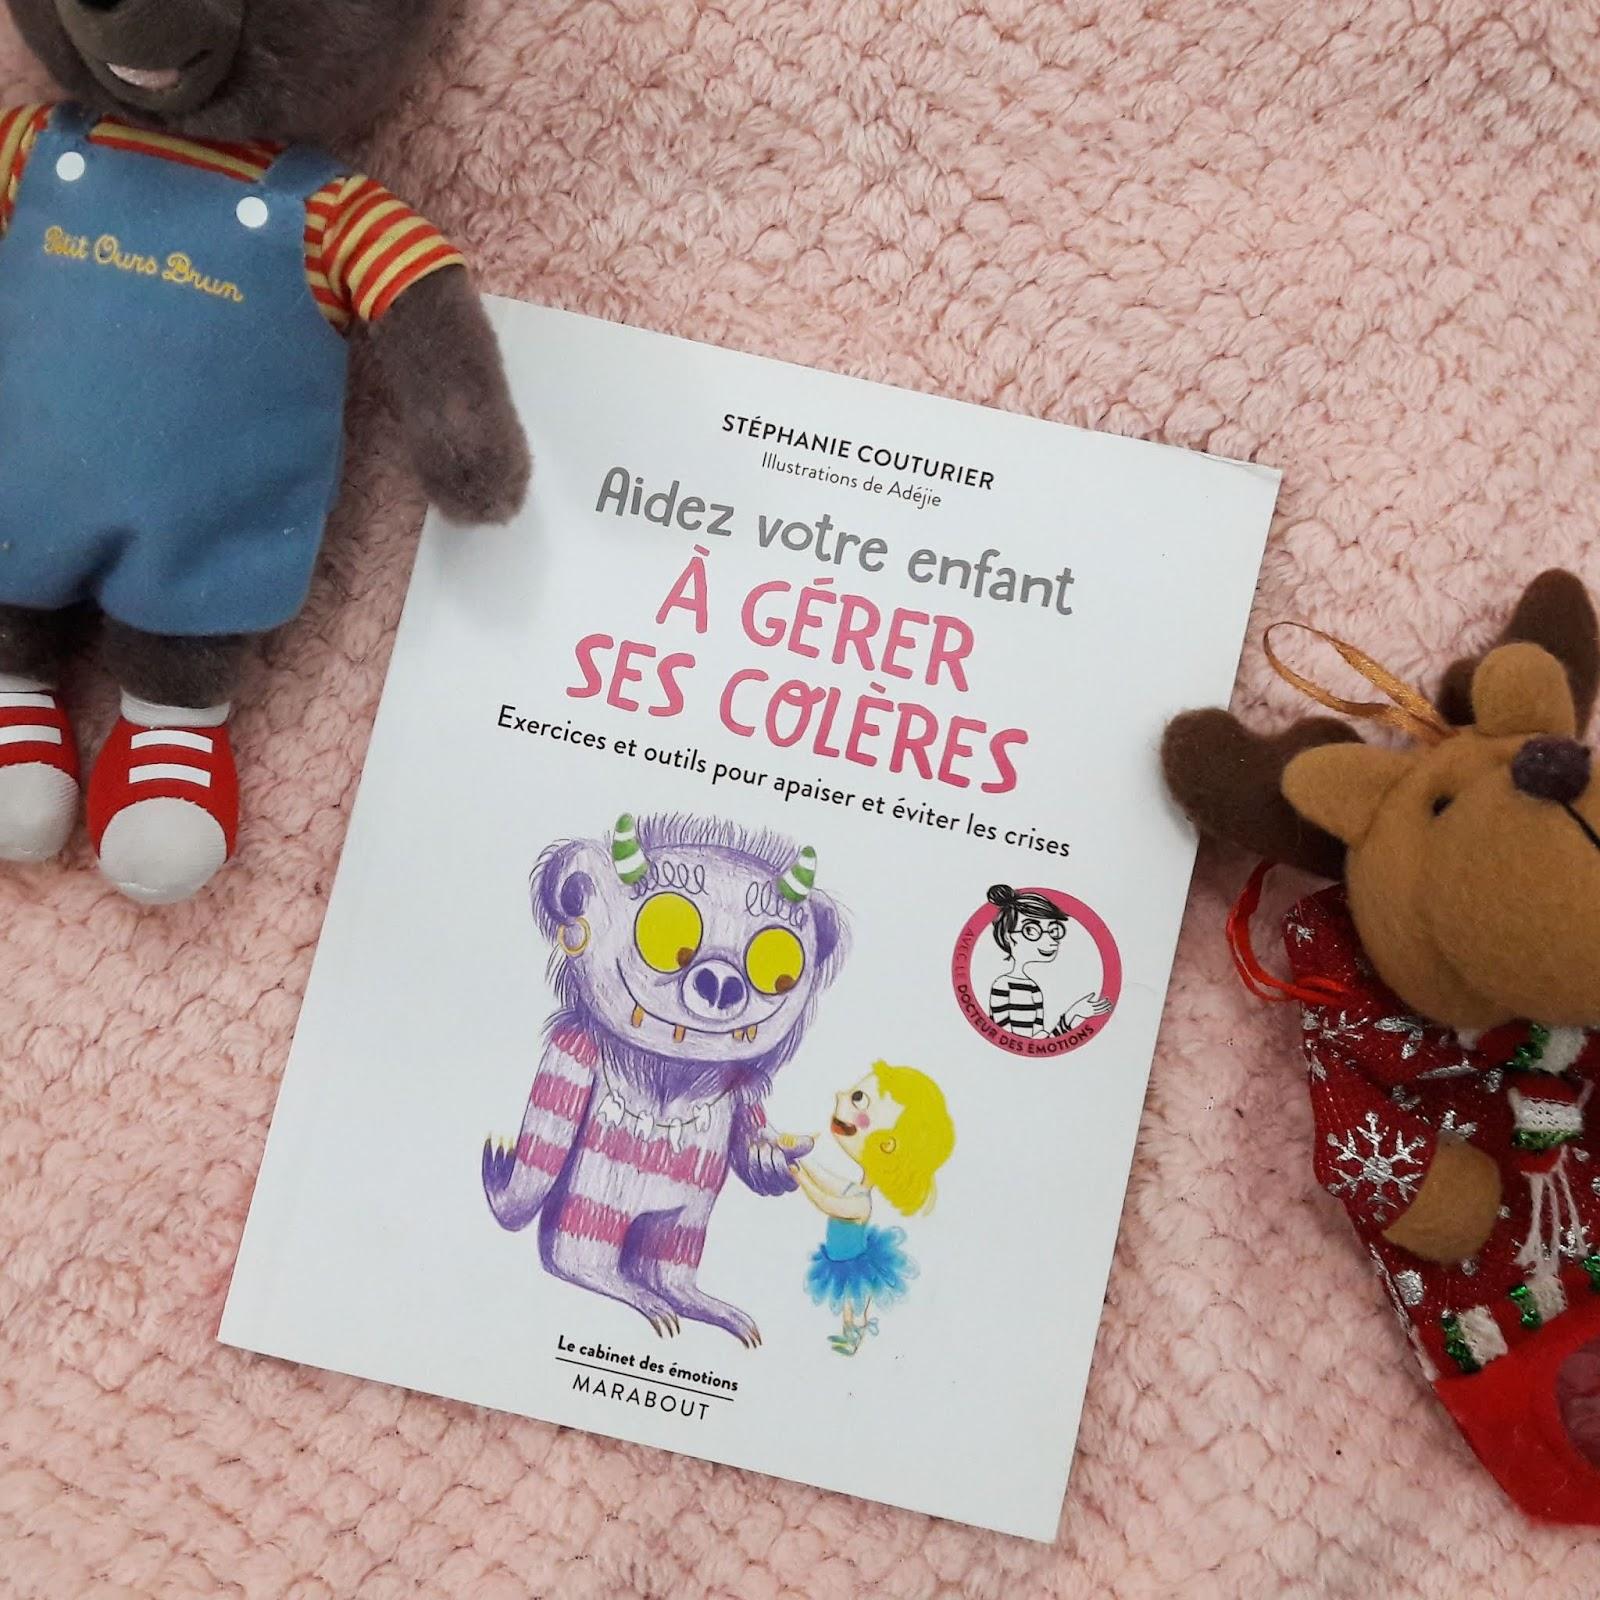 Aidez votre enfant à gérer ses colères de Stéphanie Couturier et Adéjie